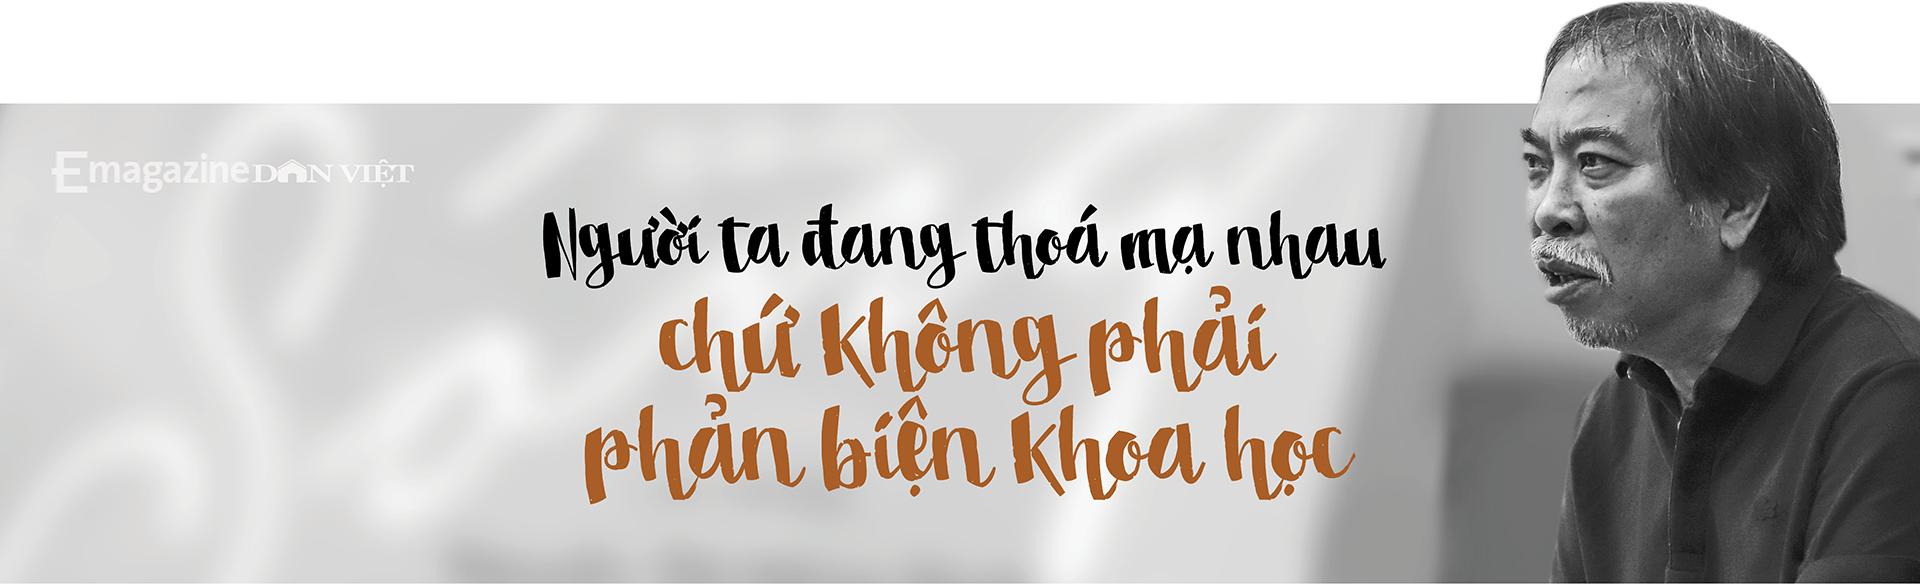 Nhà văn Nguyễn Quang Thiều: Sự đập cánh của đôi cánh tự do khác đôi chân của kẻ tuỳ tiện - Ảnh 15.